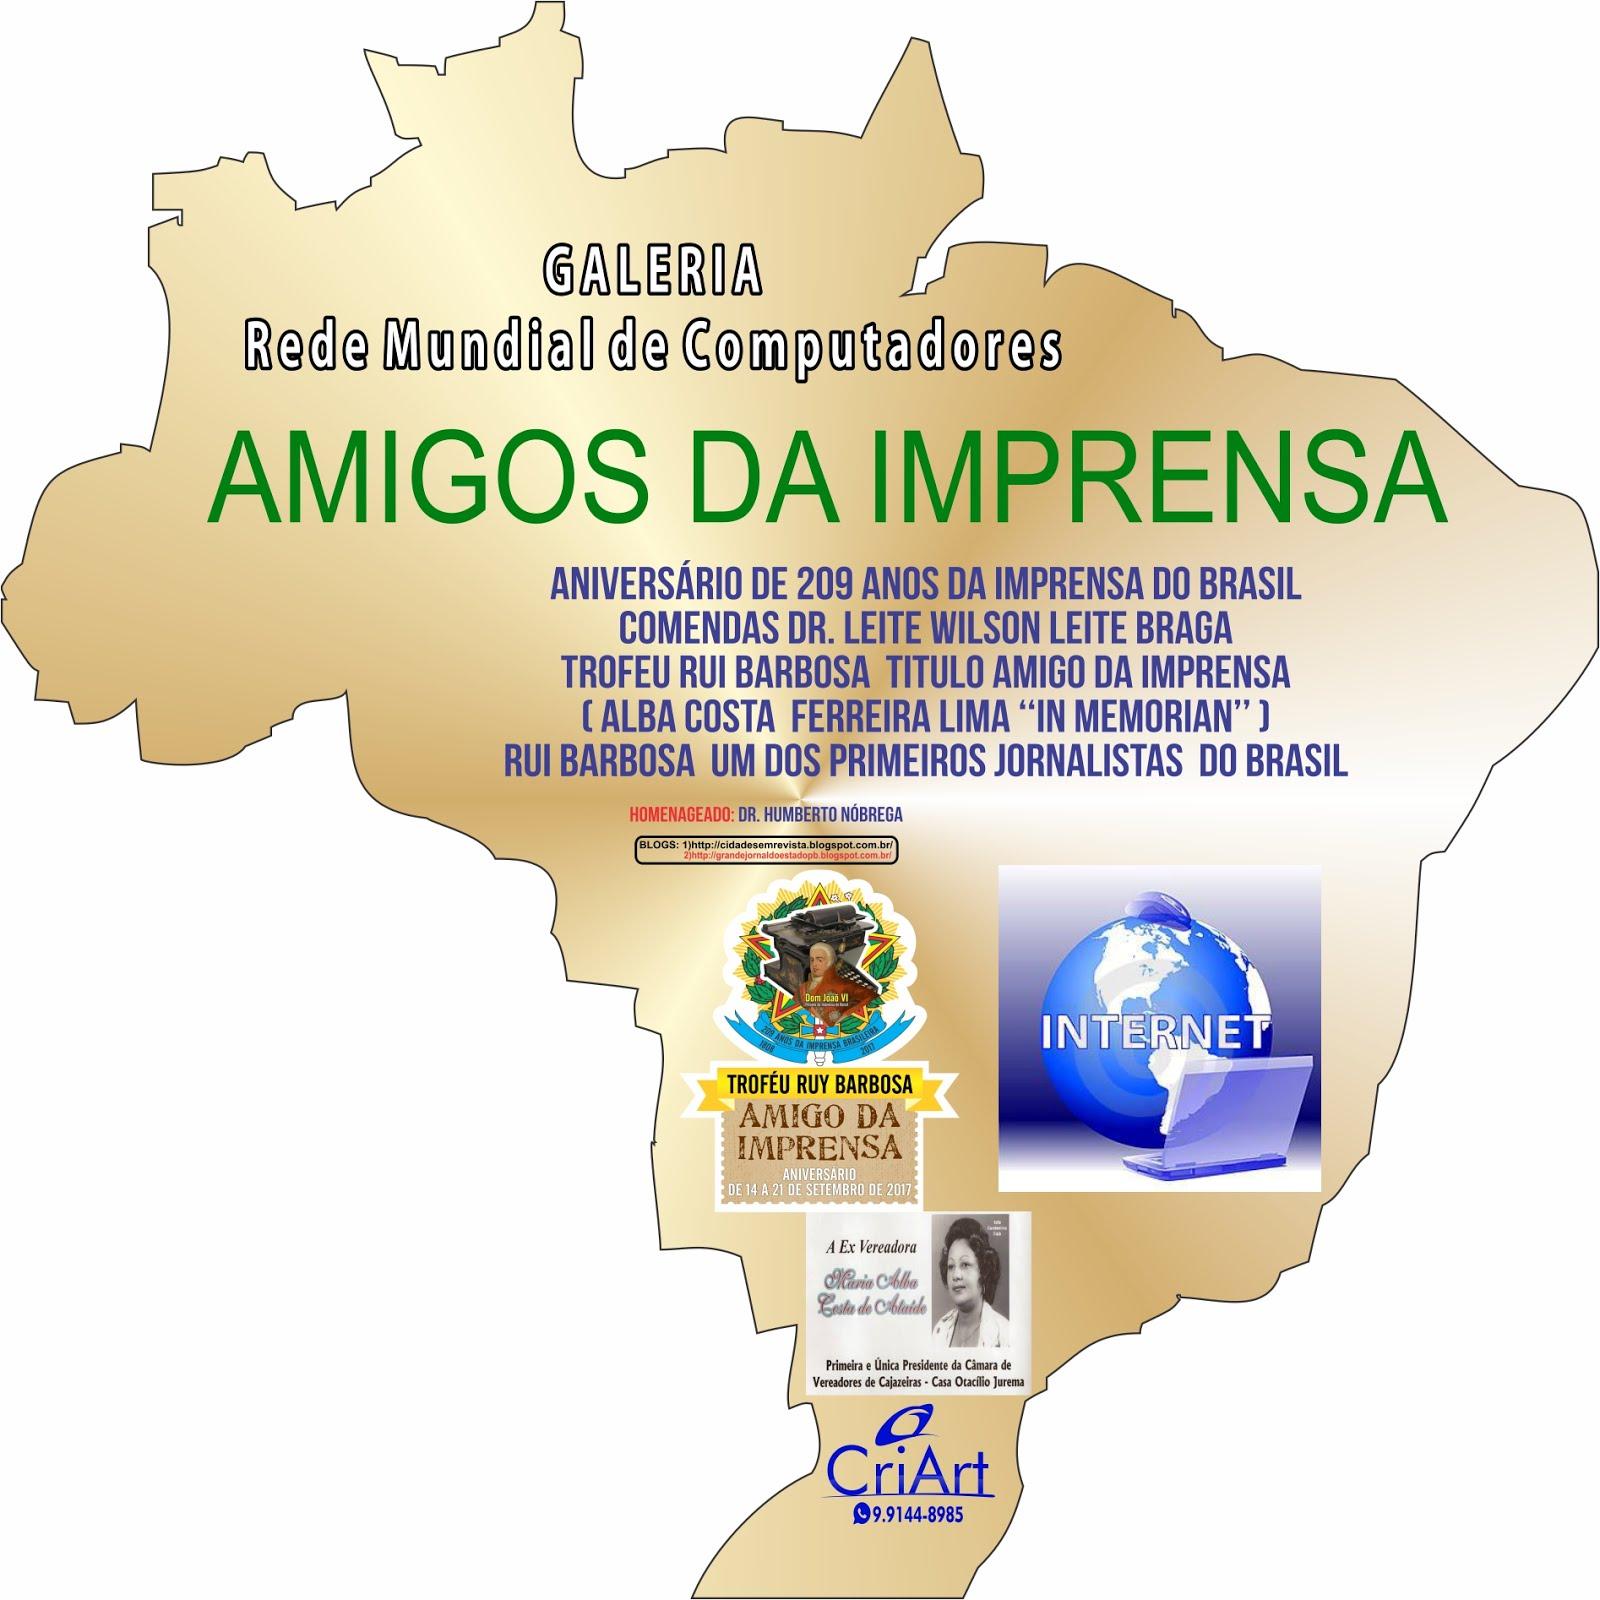 MODELO  DE UMA DAS COMENDAS  DA COMEMORAÇÃO O AMIGO DA IMPRENSA